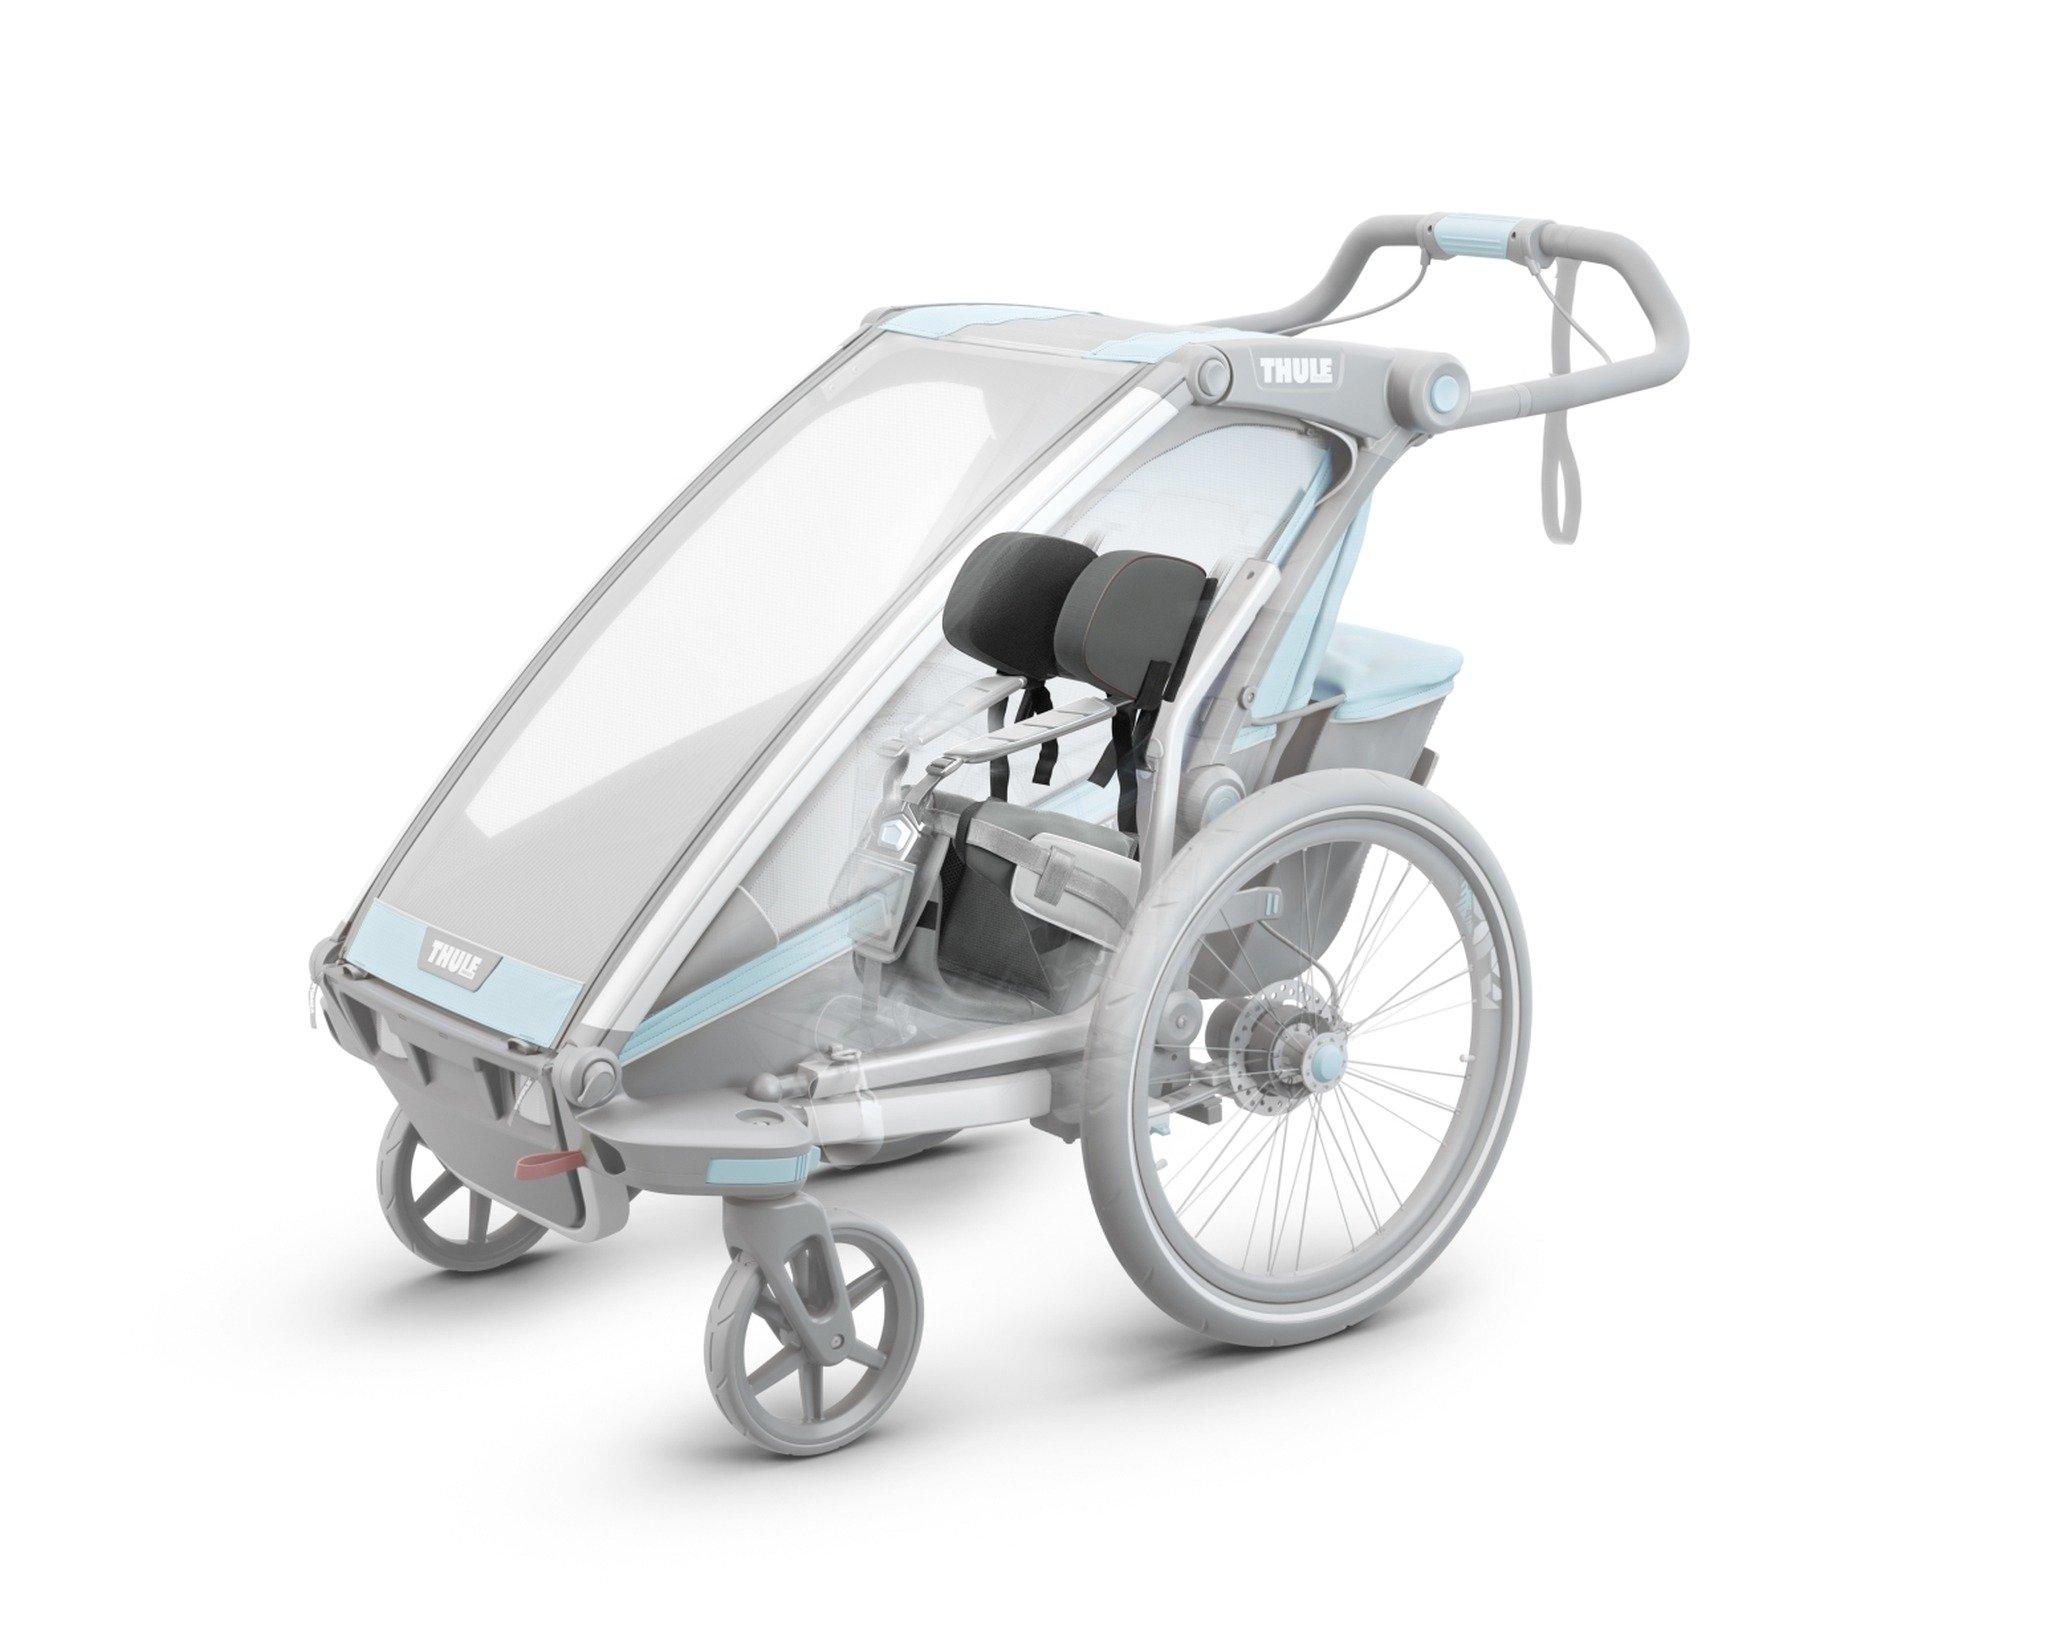 THULE Chariot - Podparcie dla małych dzieci